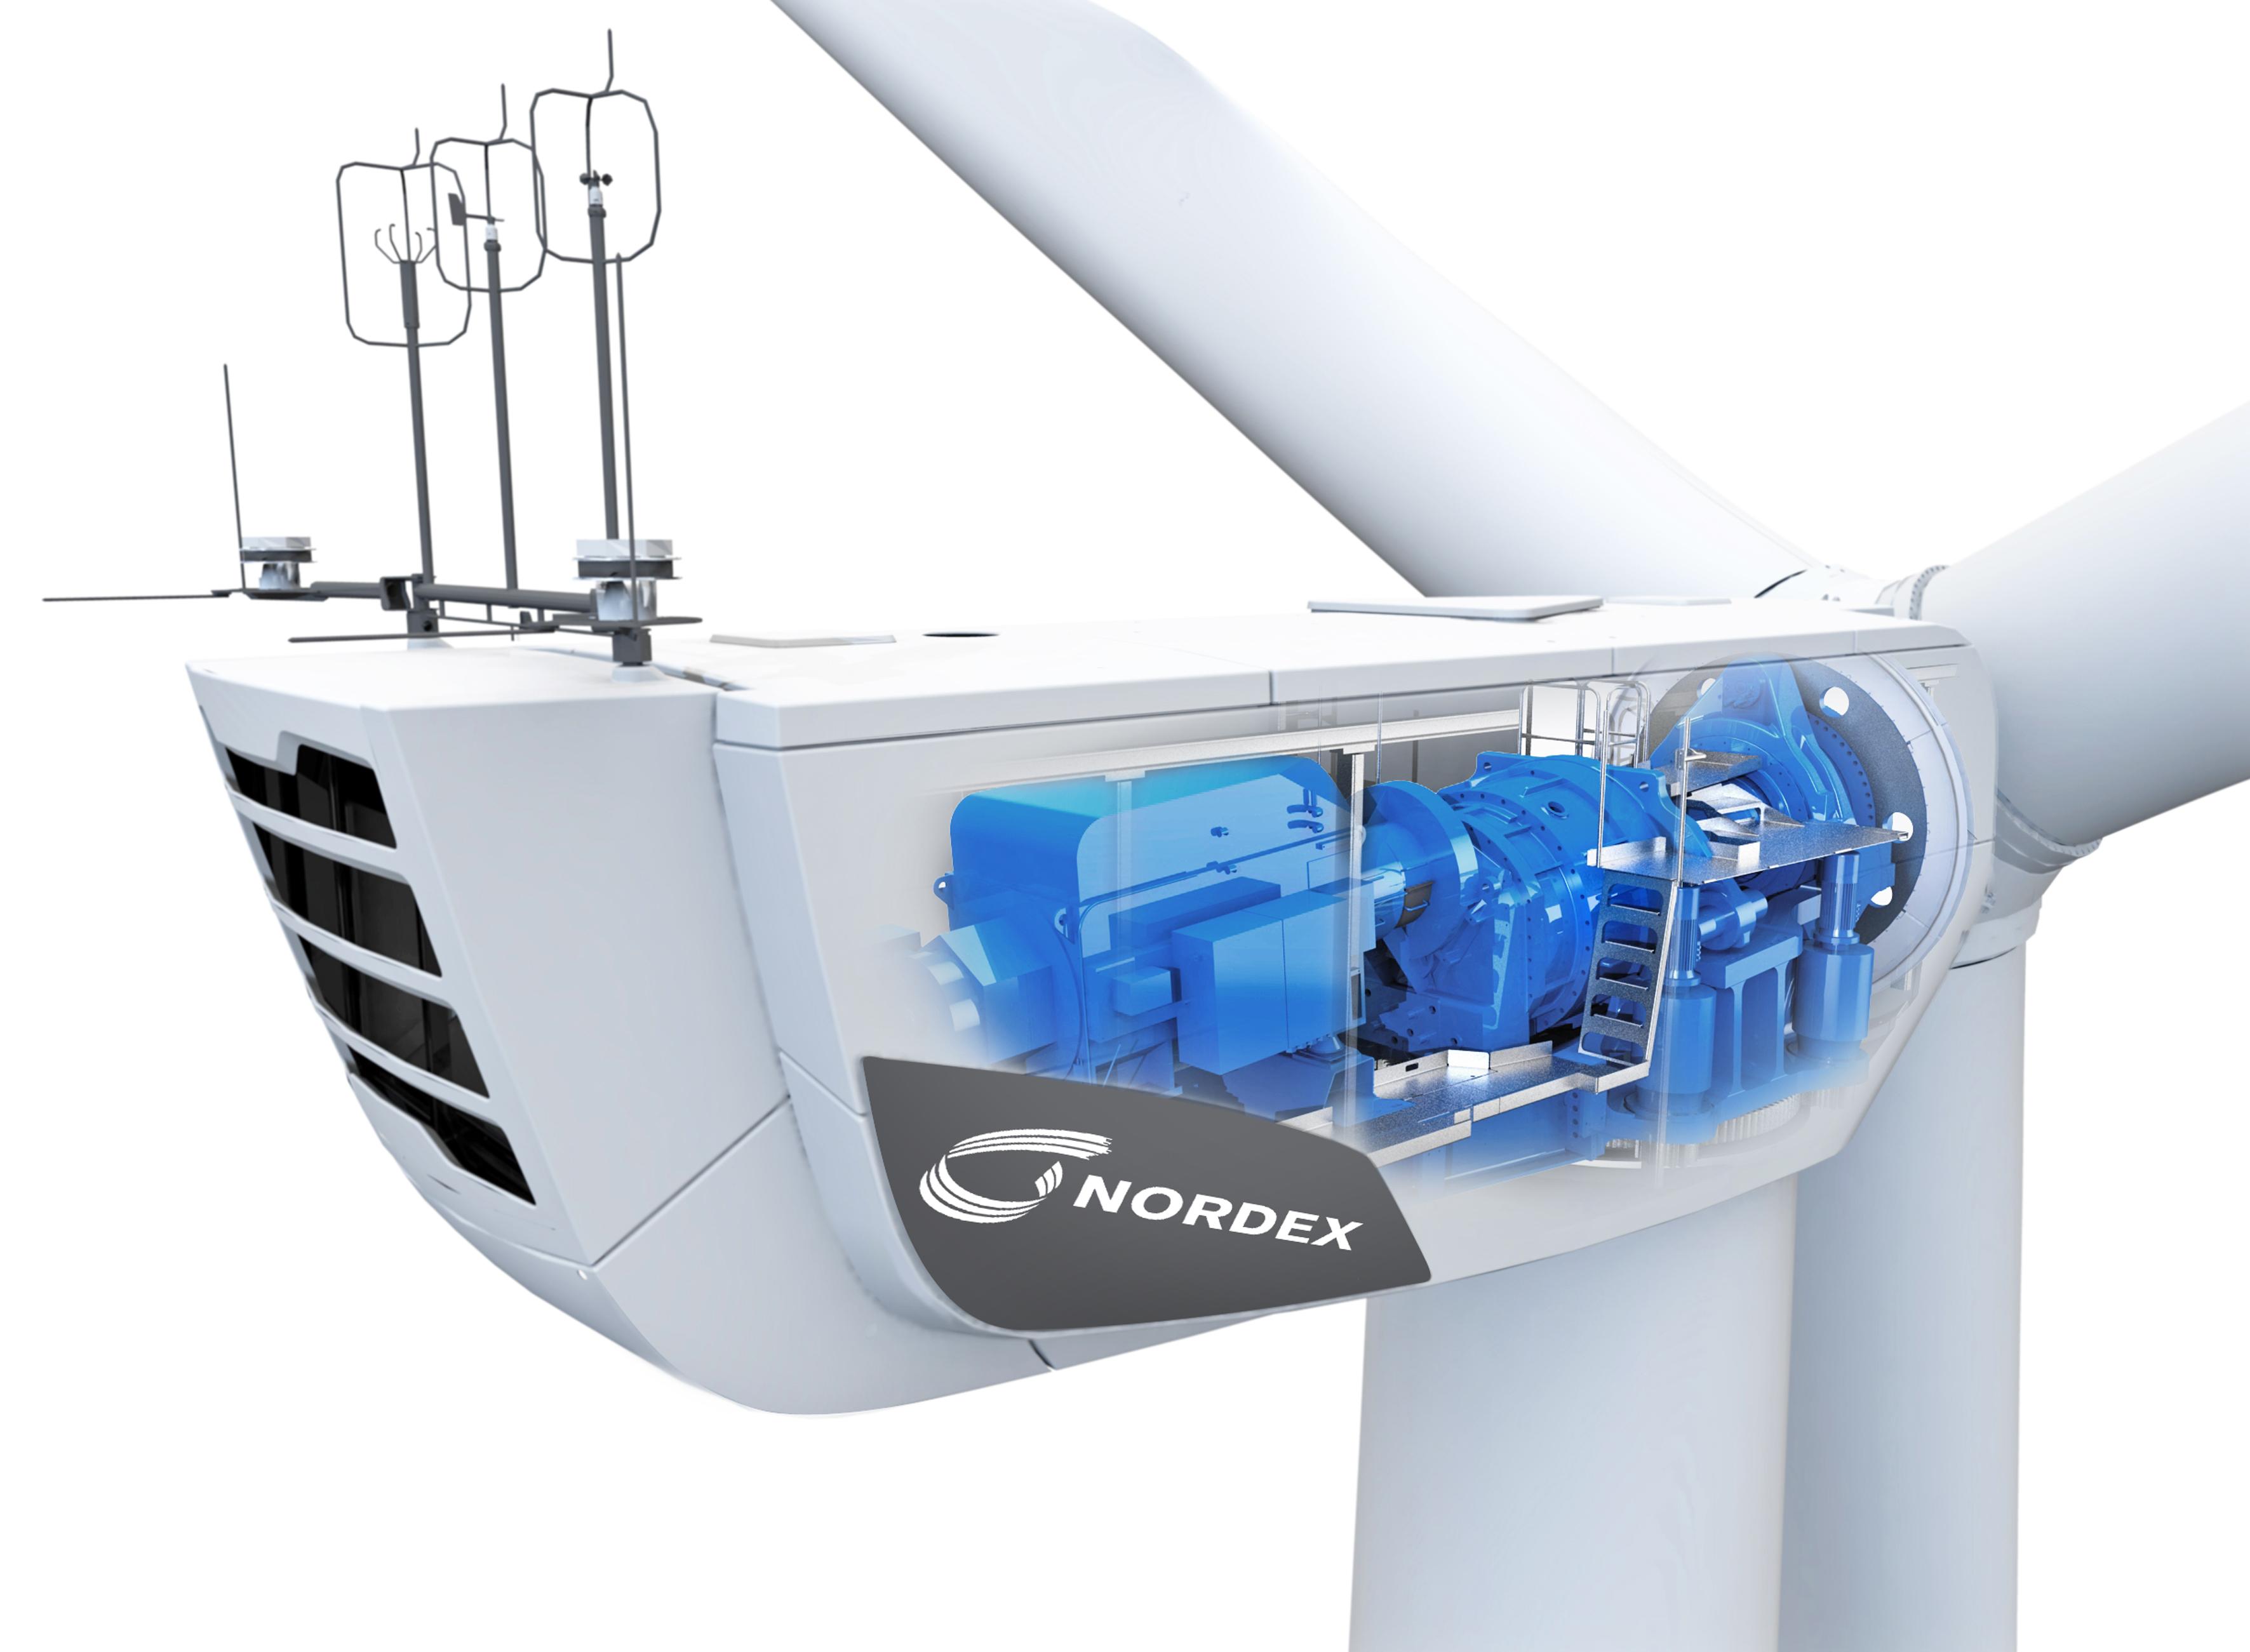 Eólica en Argentina: Nordex suministra aerogeneradores a dos parques